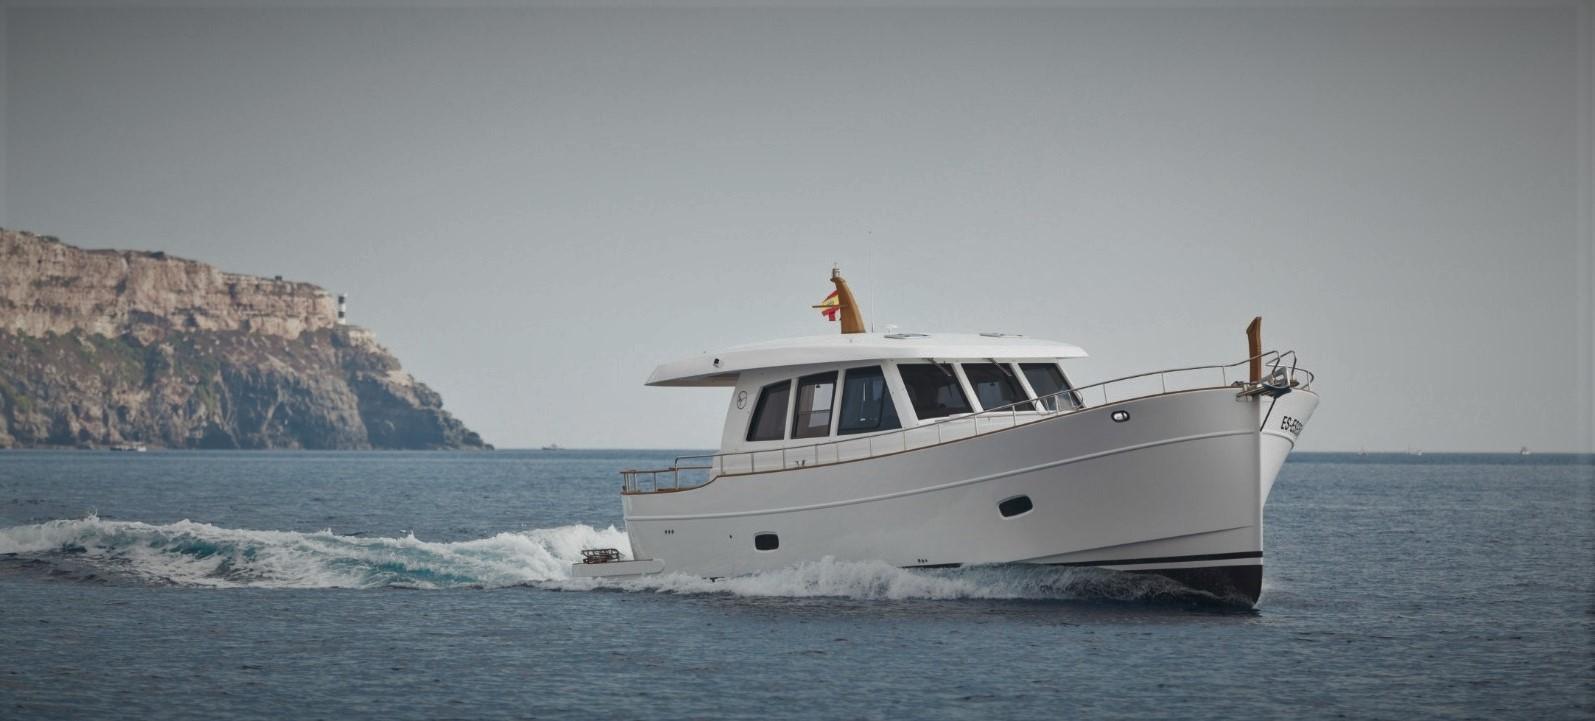 Minorca Islander 54 yacht for sale - Underway